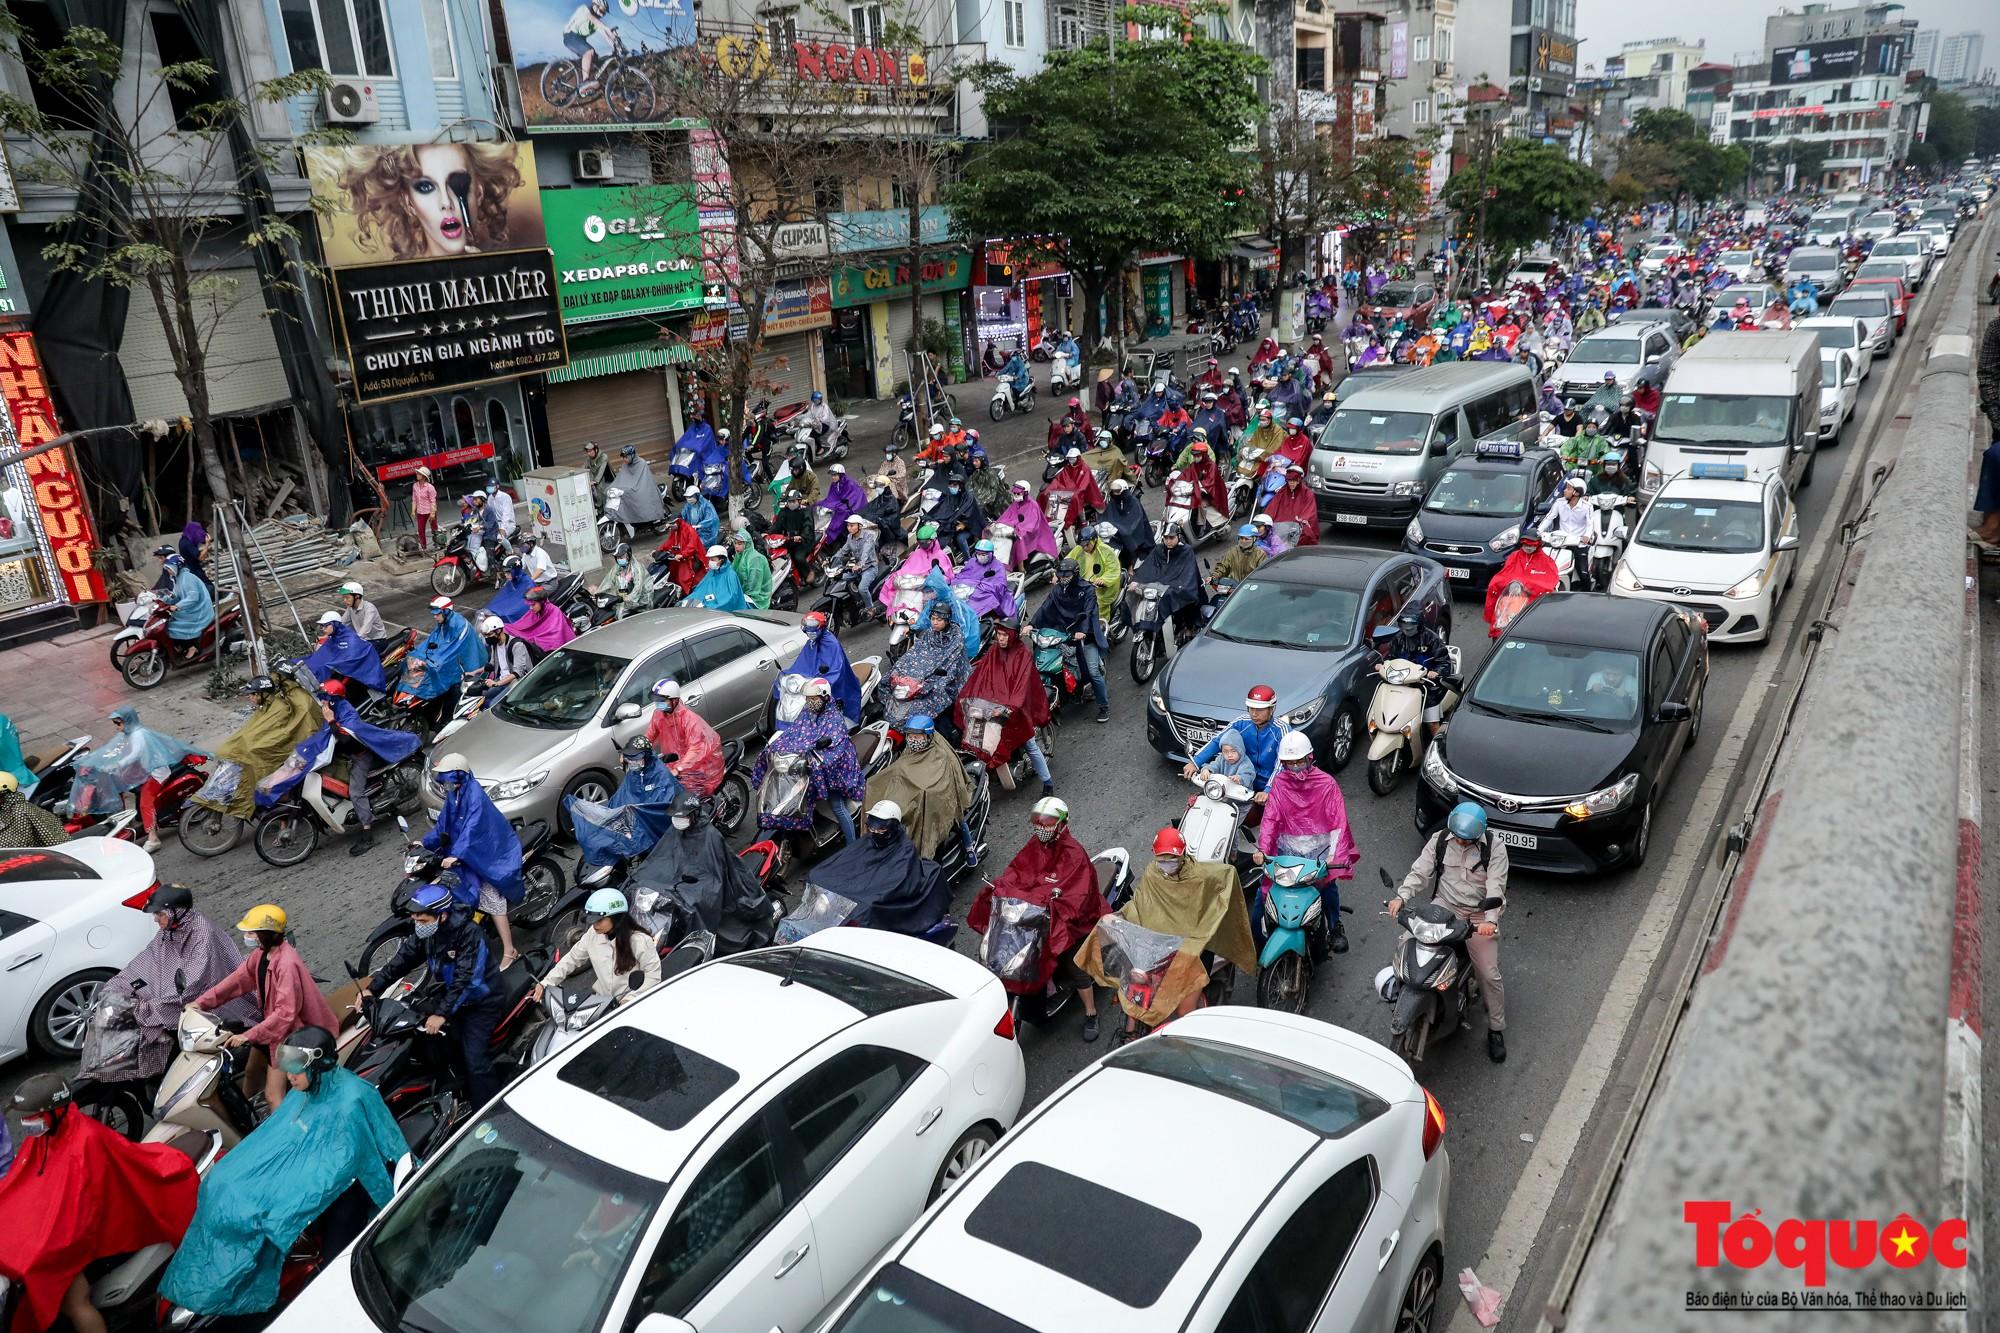 Nhìn những hình ảnh này mới thấy đề xuất cấm xe máy 6 tuyến phố Hà Nội là vô cảm với người dân nghèo - Ảnh 3.